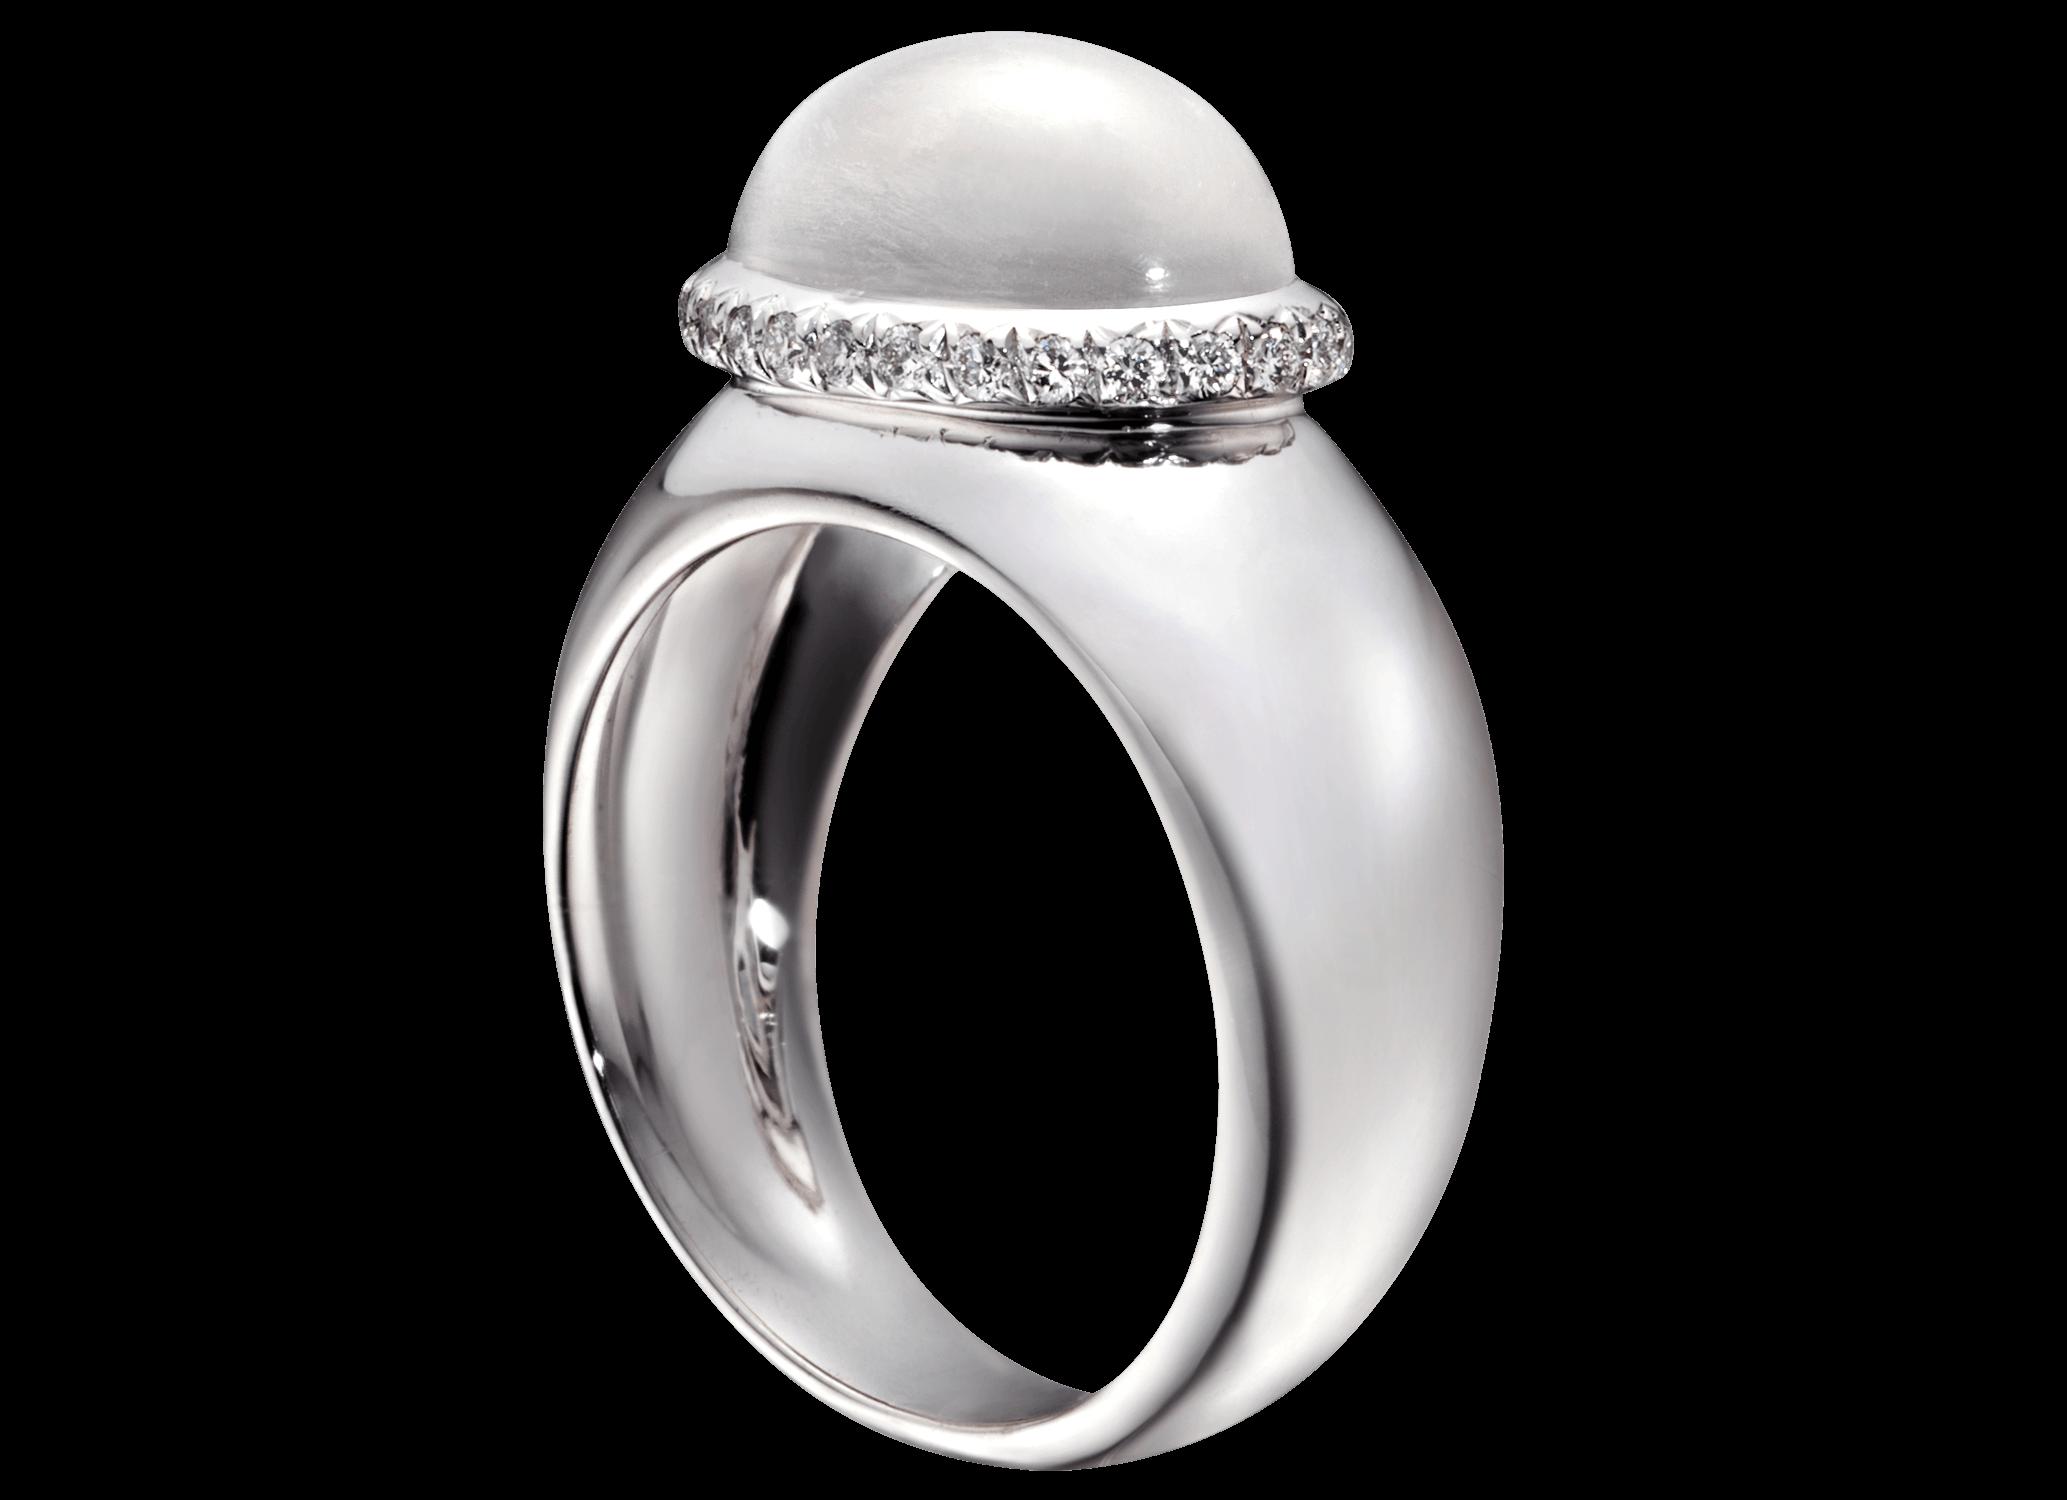 Bague Caboche - À partir de 1 500 €Avec un cabochon de quartz : citrine, améthyste,…(modèle présenté 2 100 €, pierre de Lune et pavage de 27 diamants)